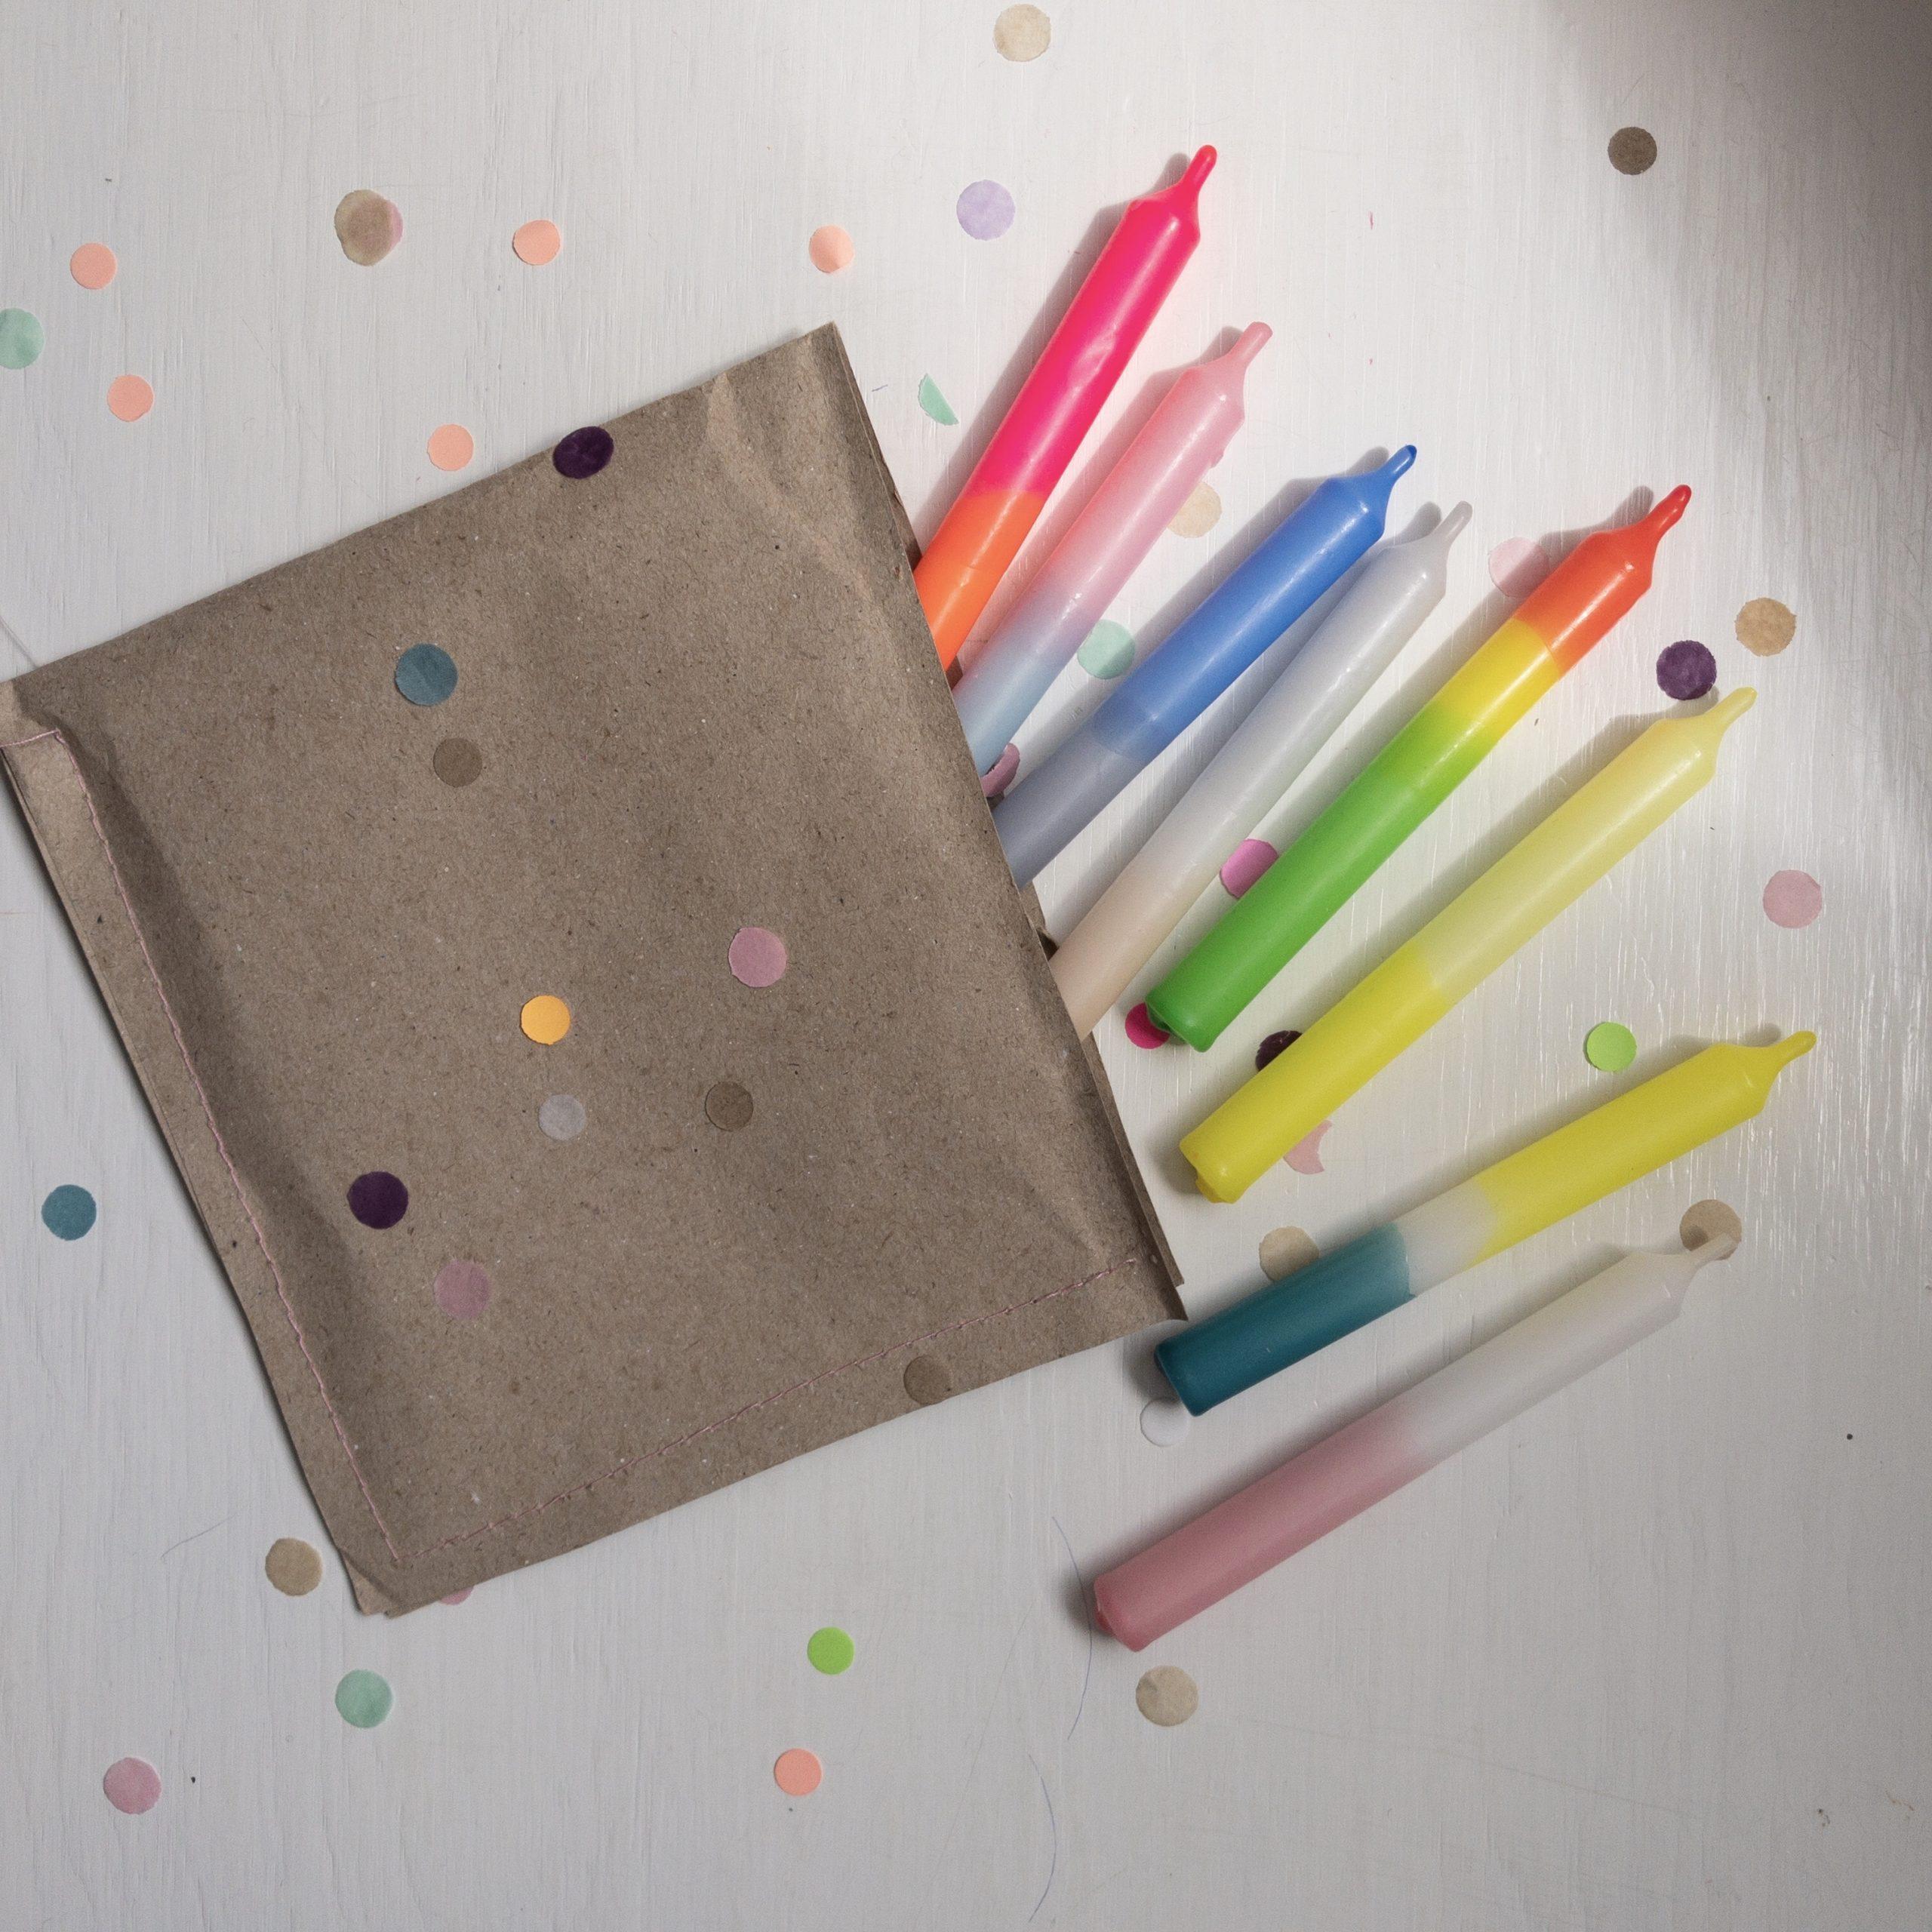 Handgefärbte Geburtstagskerze Konfetti von Frau Gold